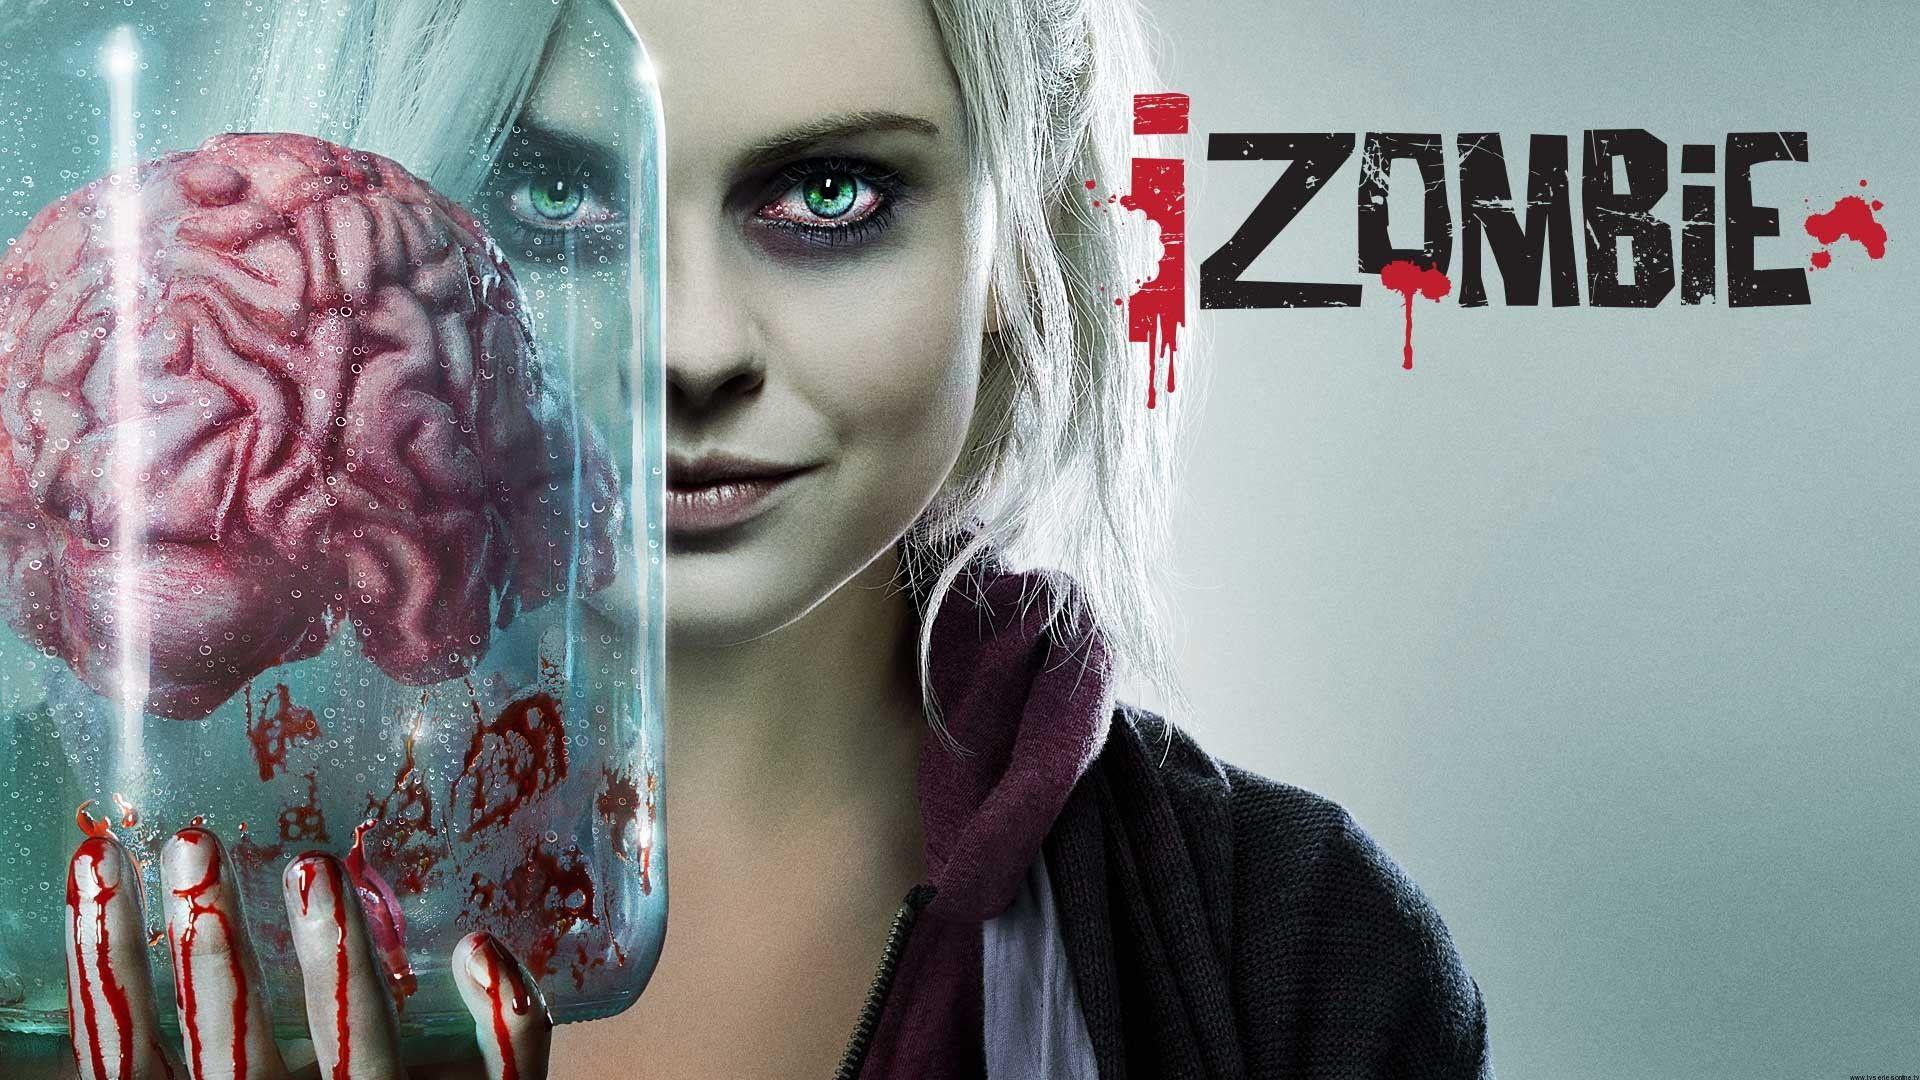 iZombie season 2 episode 14 Izombie cast, Halloween